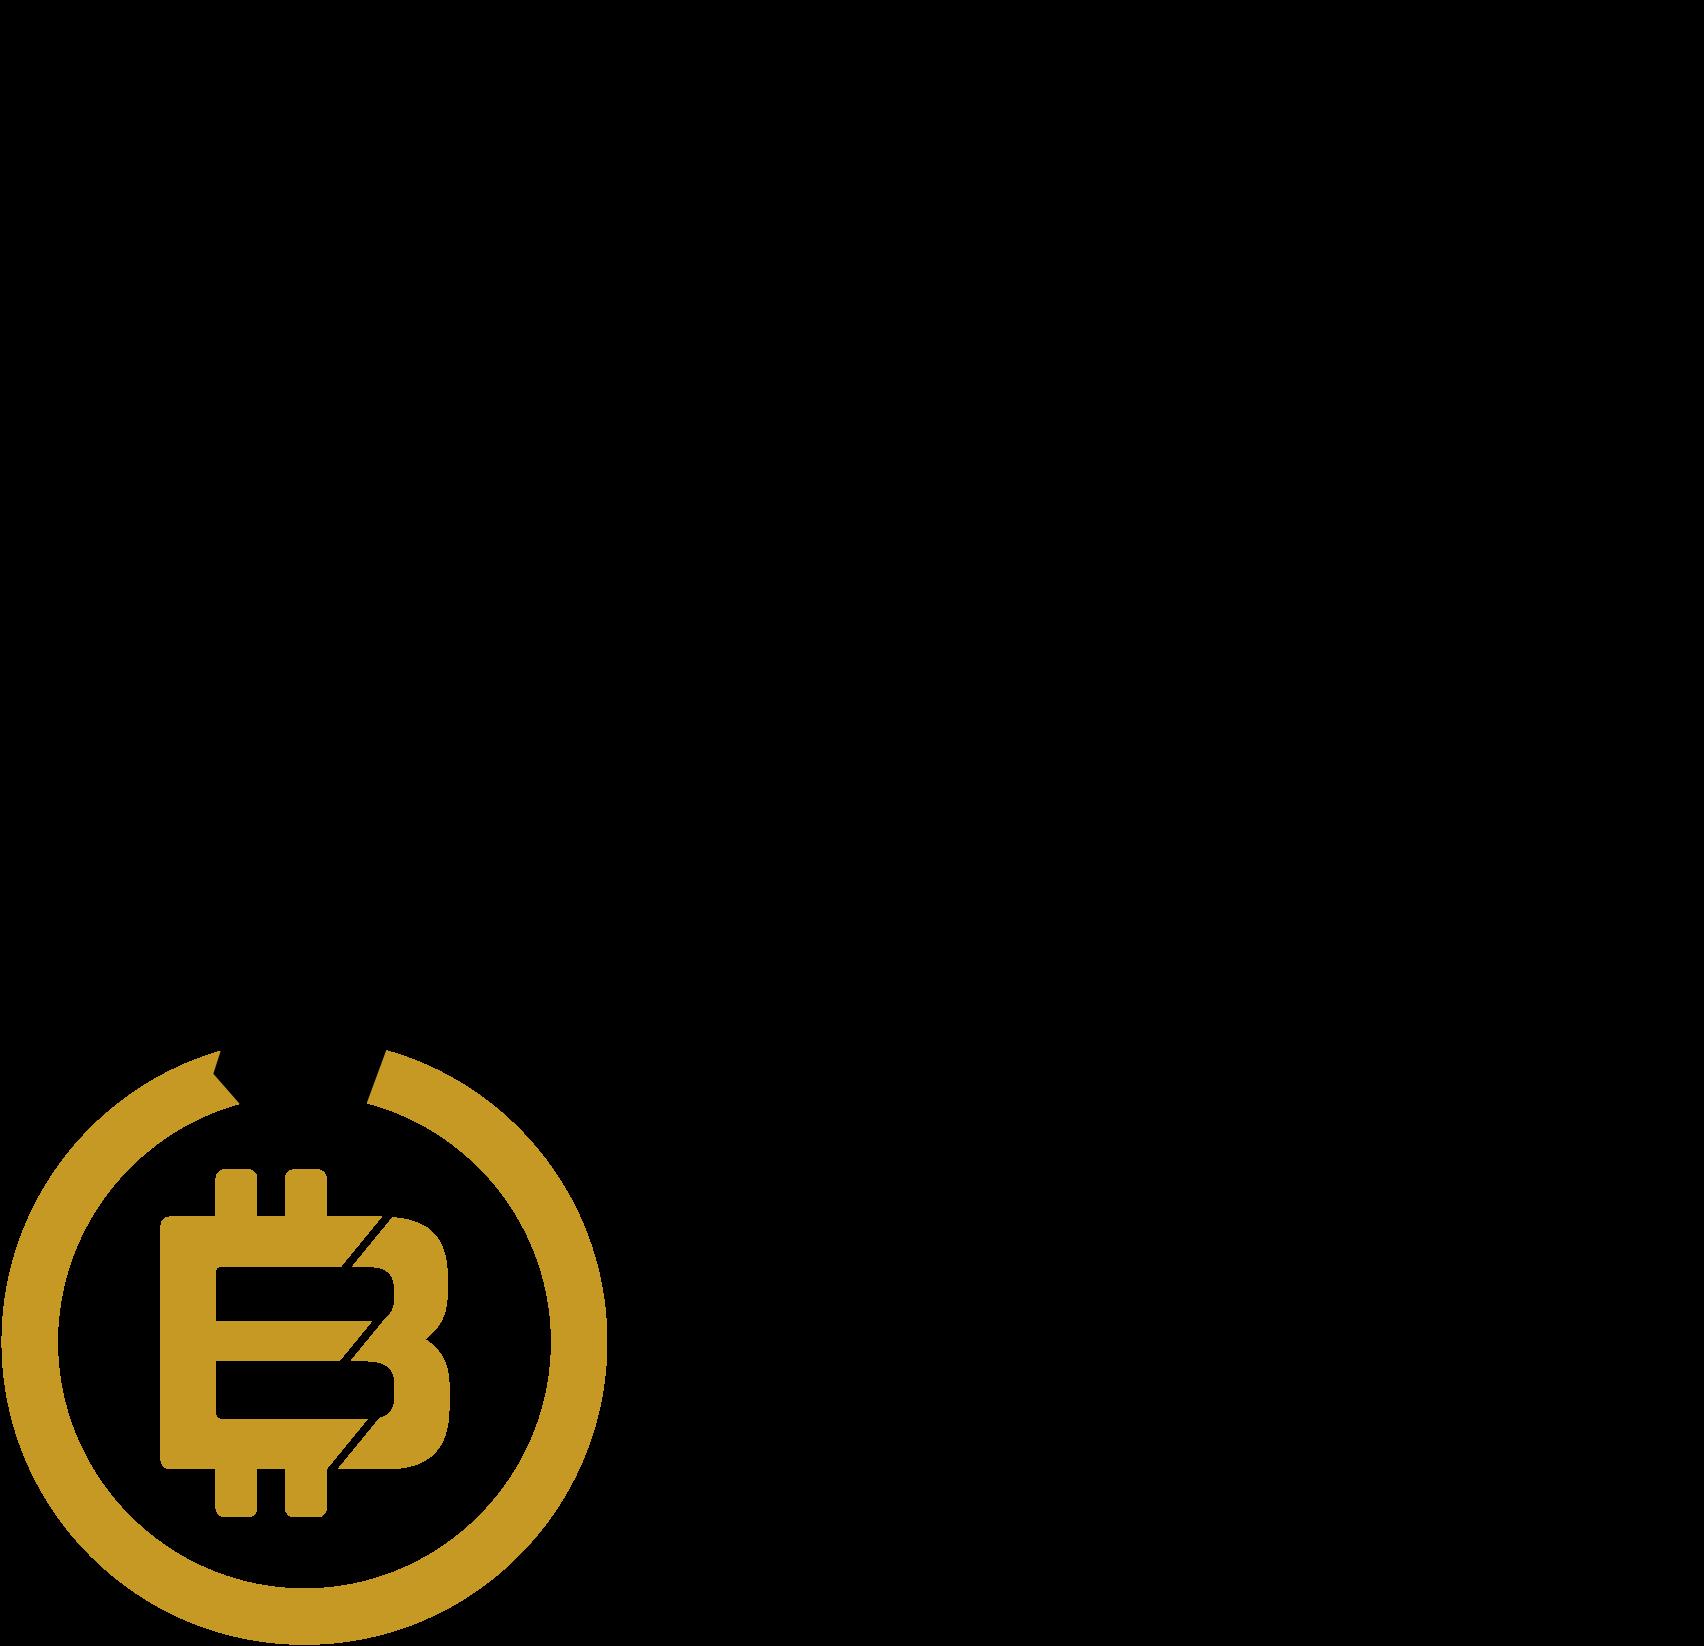 Bitcoin Entrepreneur